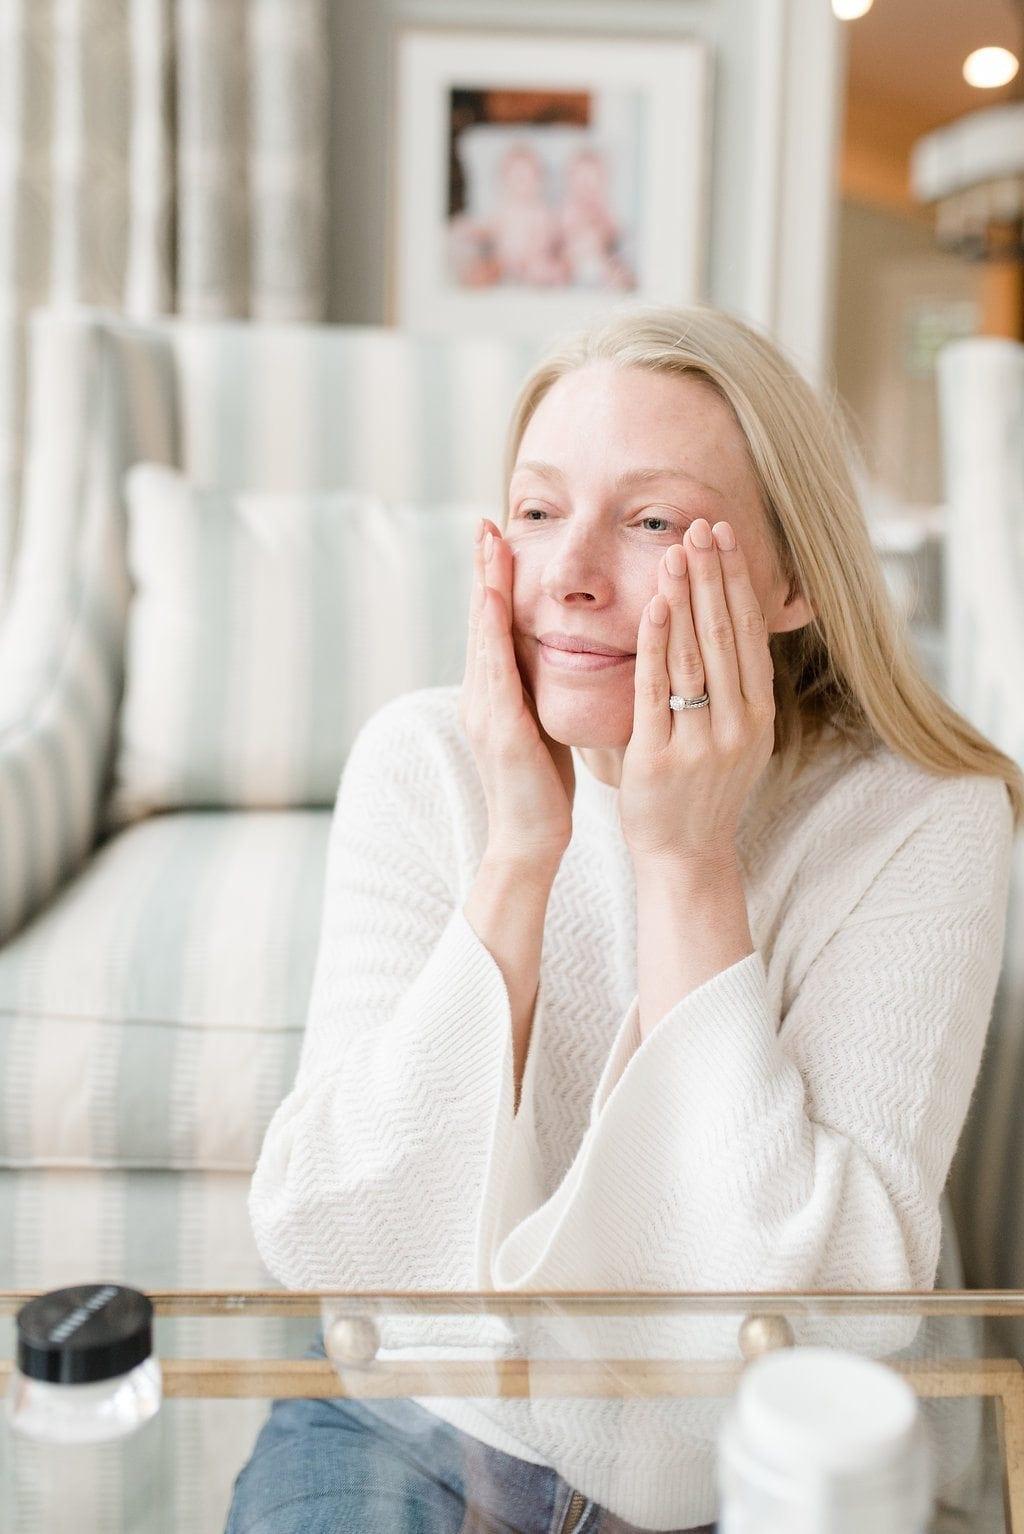 Taking care of mature skin. Skincare for fair skinned women.